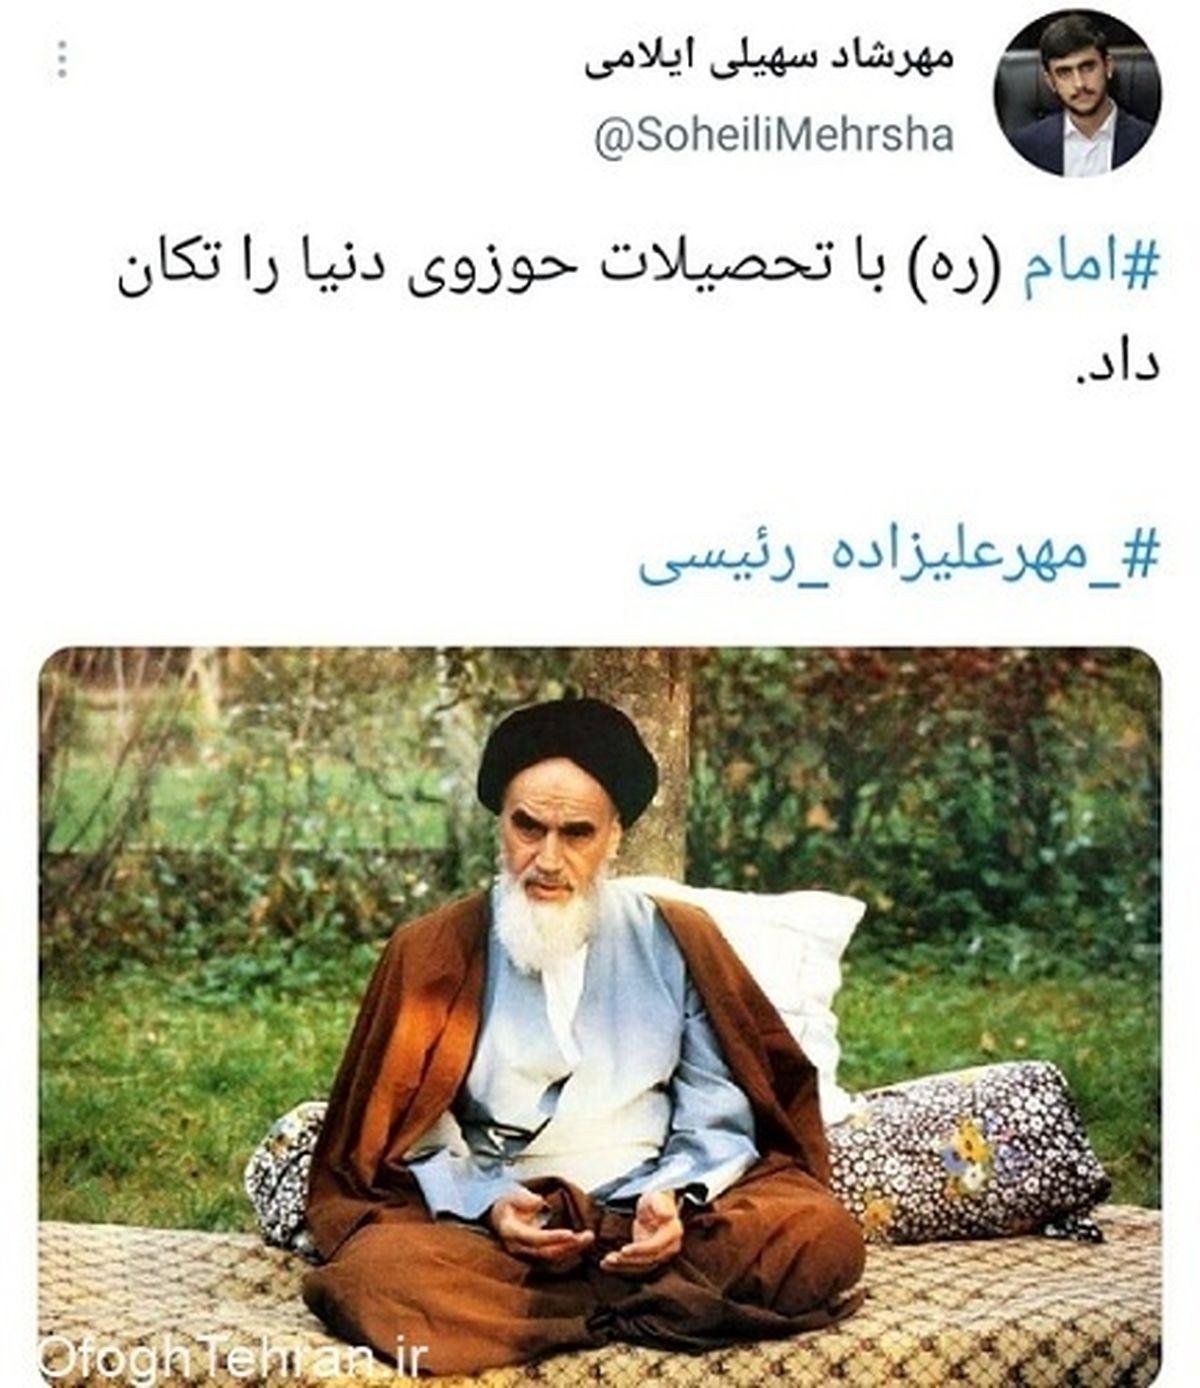 واکنش مهرشاد سهیلی به مهرعلیزاده!!!